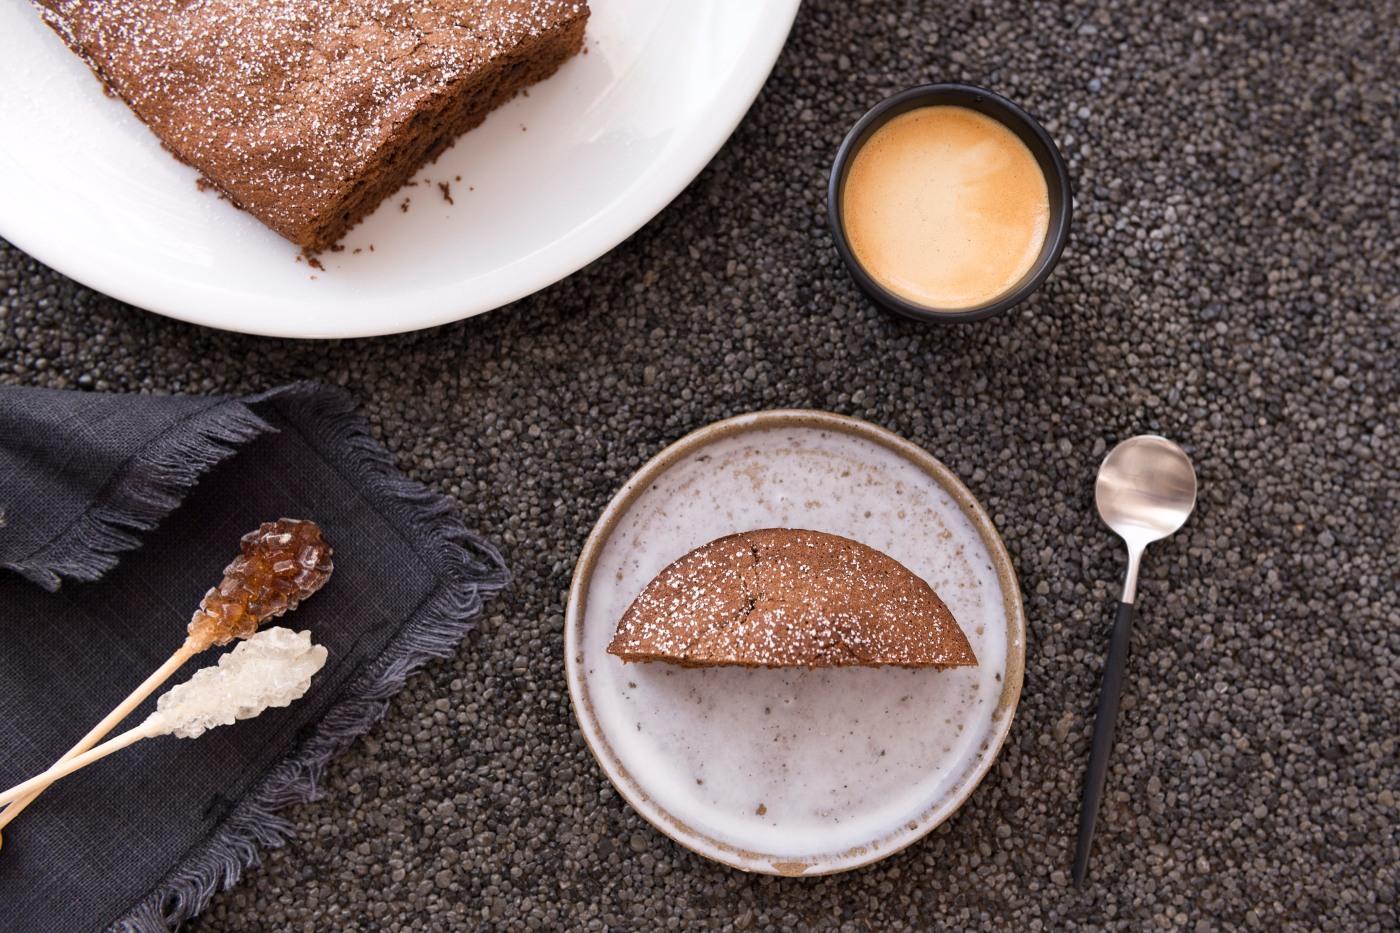 Photo vue du dessus d'une part de gâteau au chocolat et d'un café